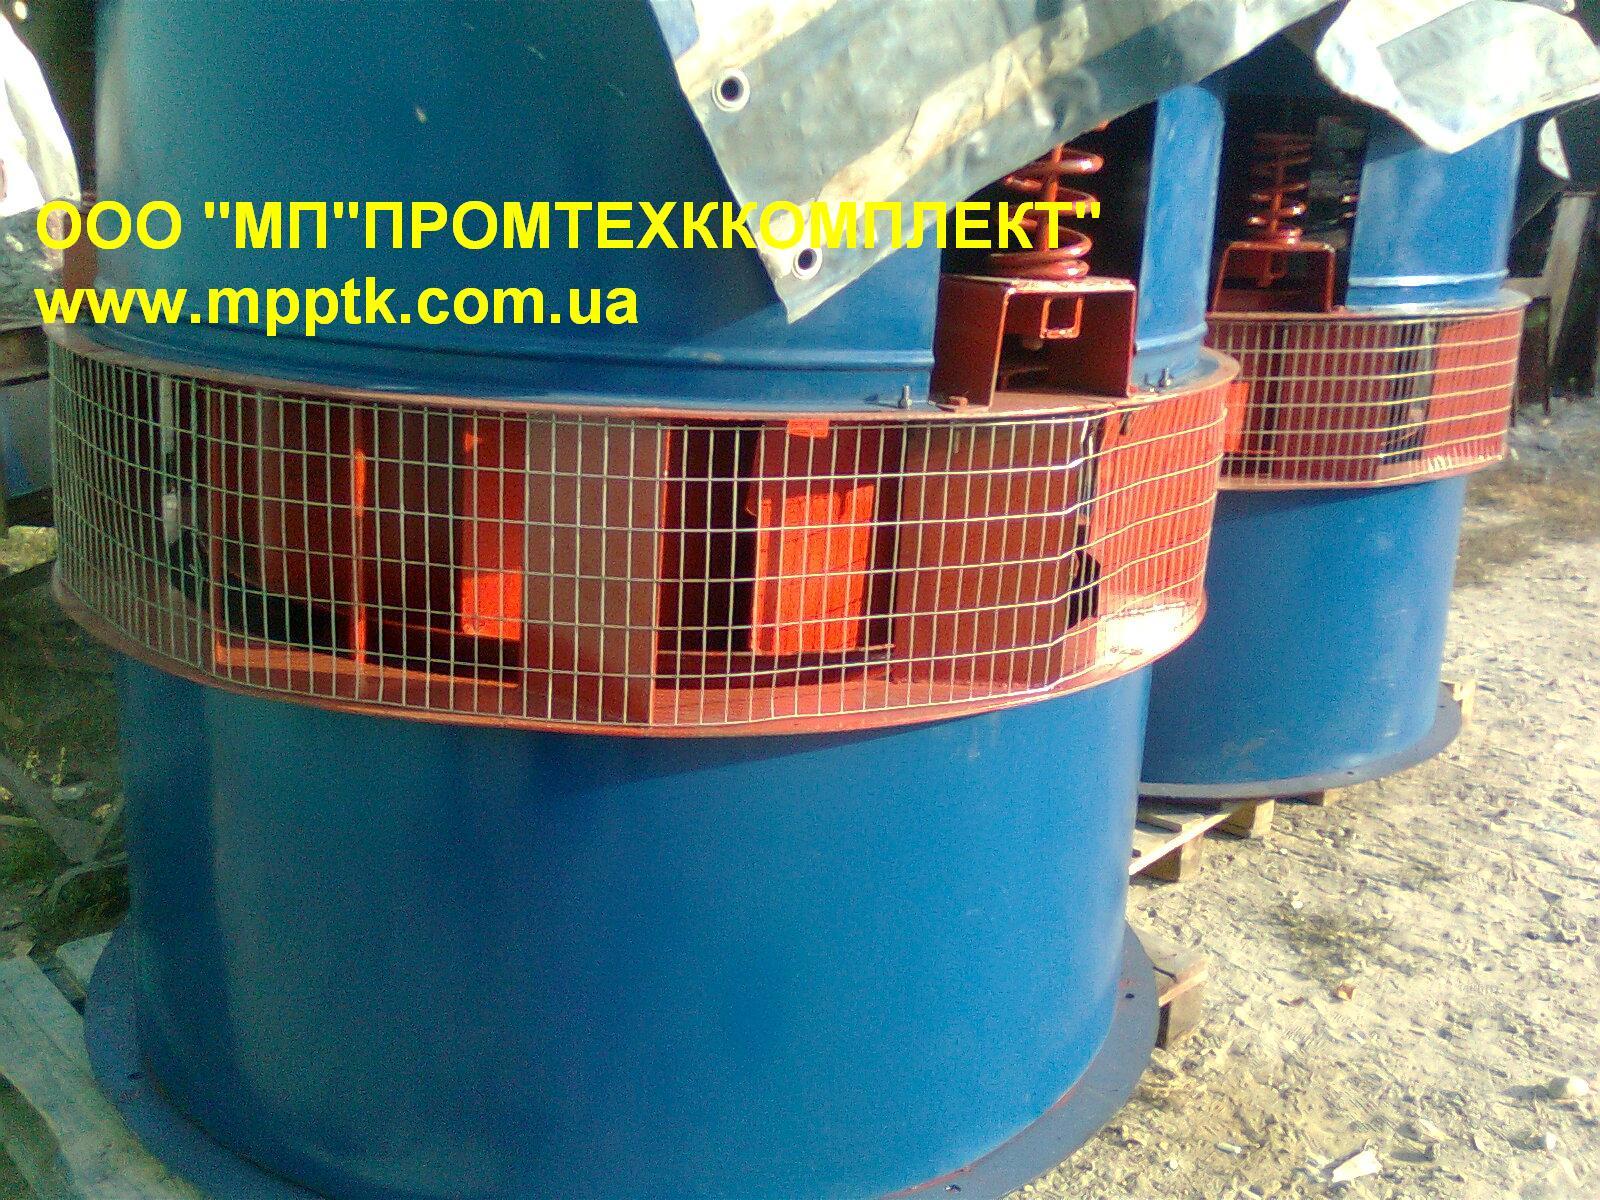 Вентилятор крышный новый изготовление фото недорого доставка качество купить